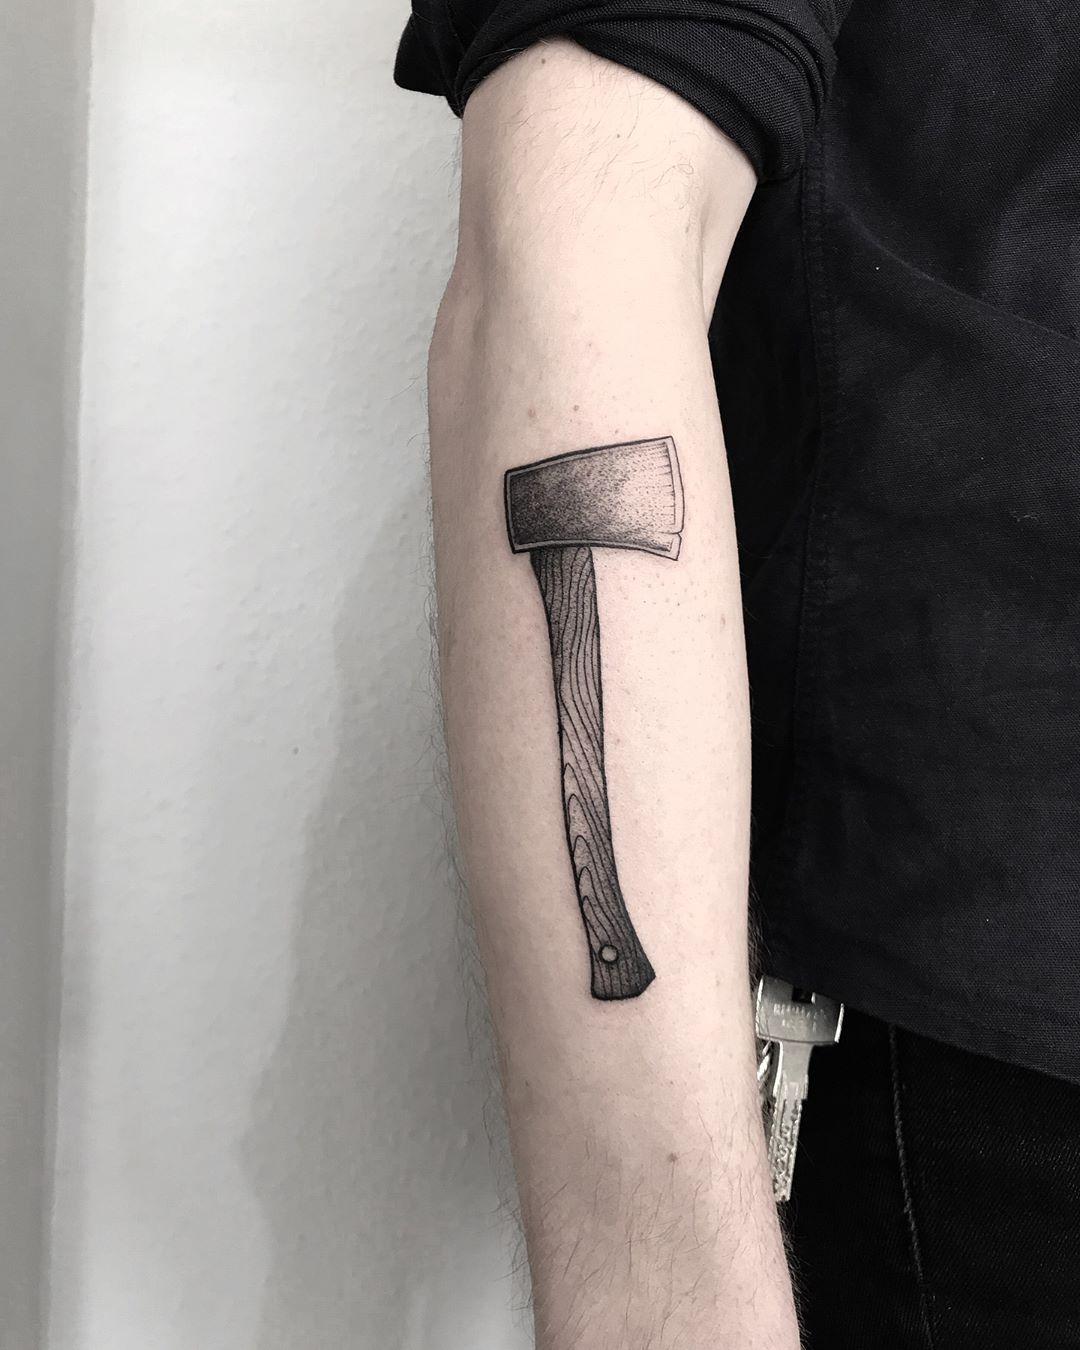 Crisp ax by tattooist Spence @zz tattoo